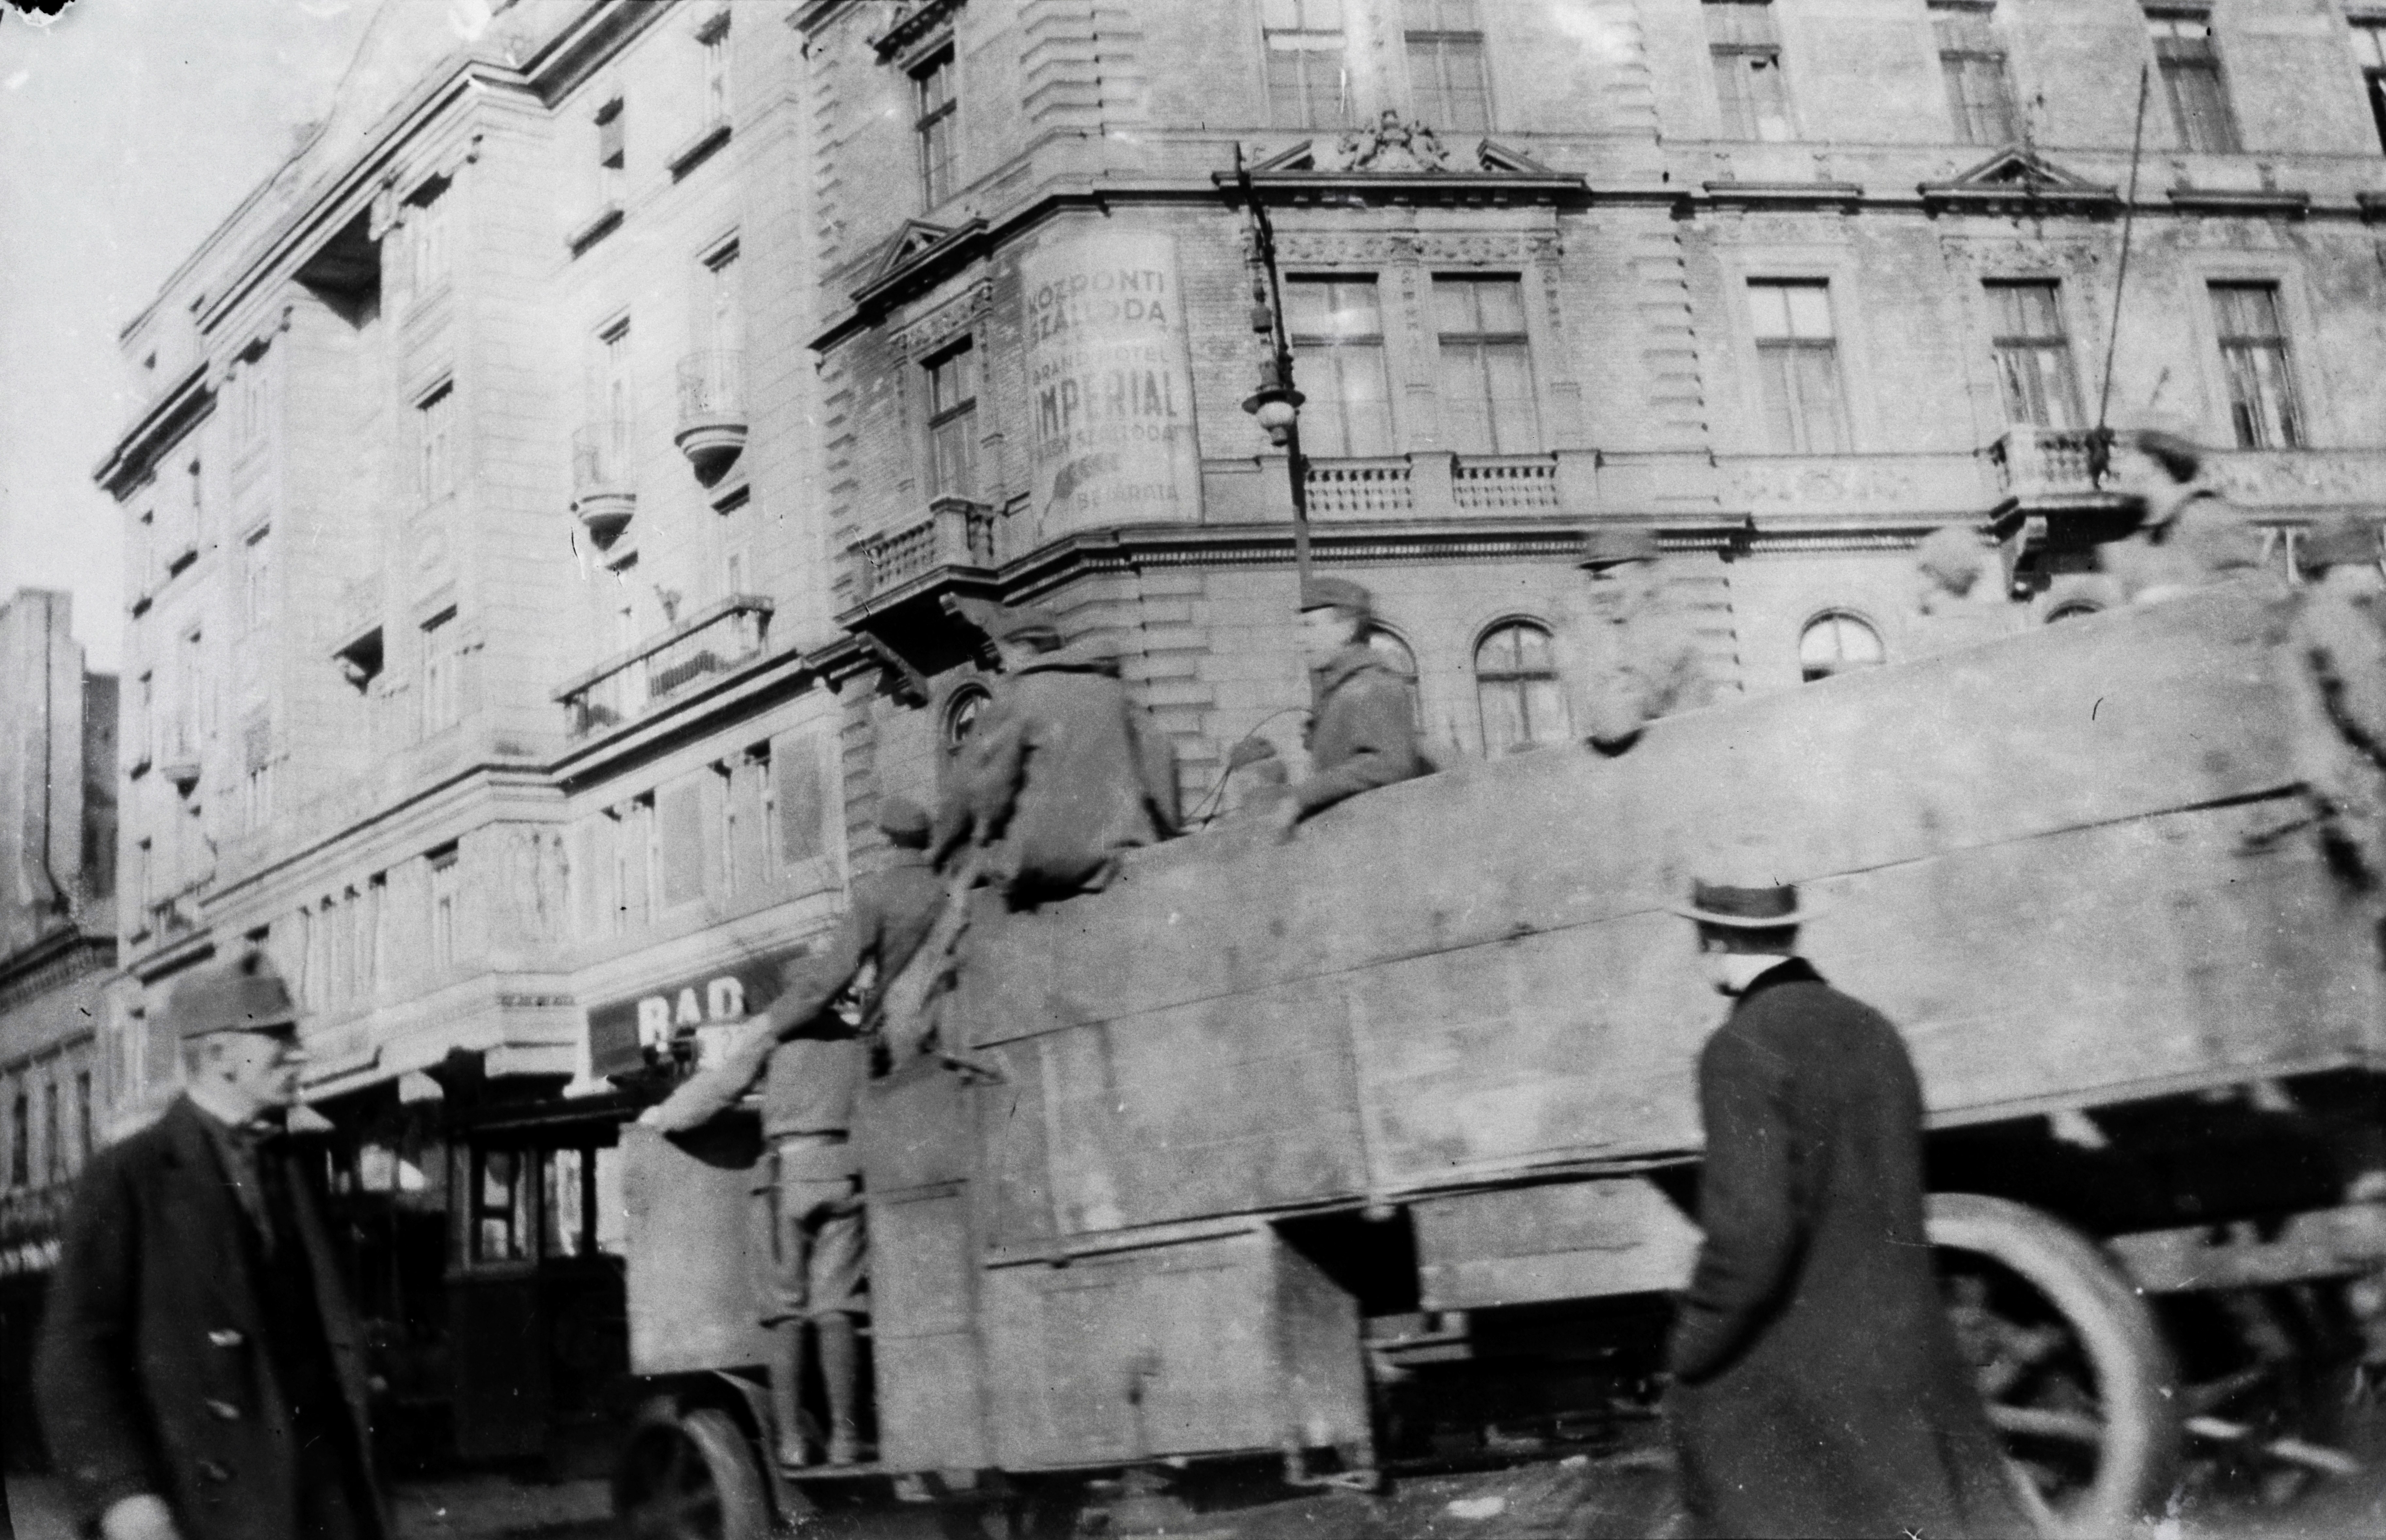 1919. Magyarország, Budapest VII. Rákóczi út - Baross tér sarok, háttérben balra az Imperial nagyszálló, jobbra a Központi Szálloda (később Szabadság szálló).